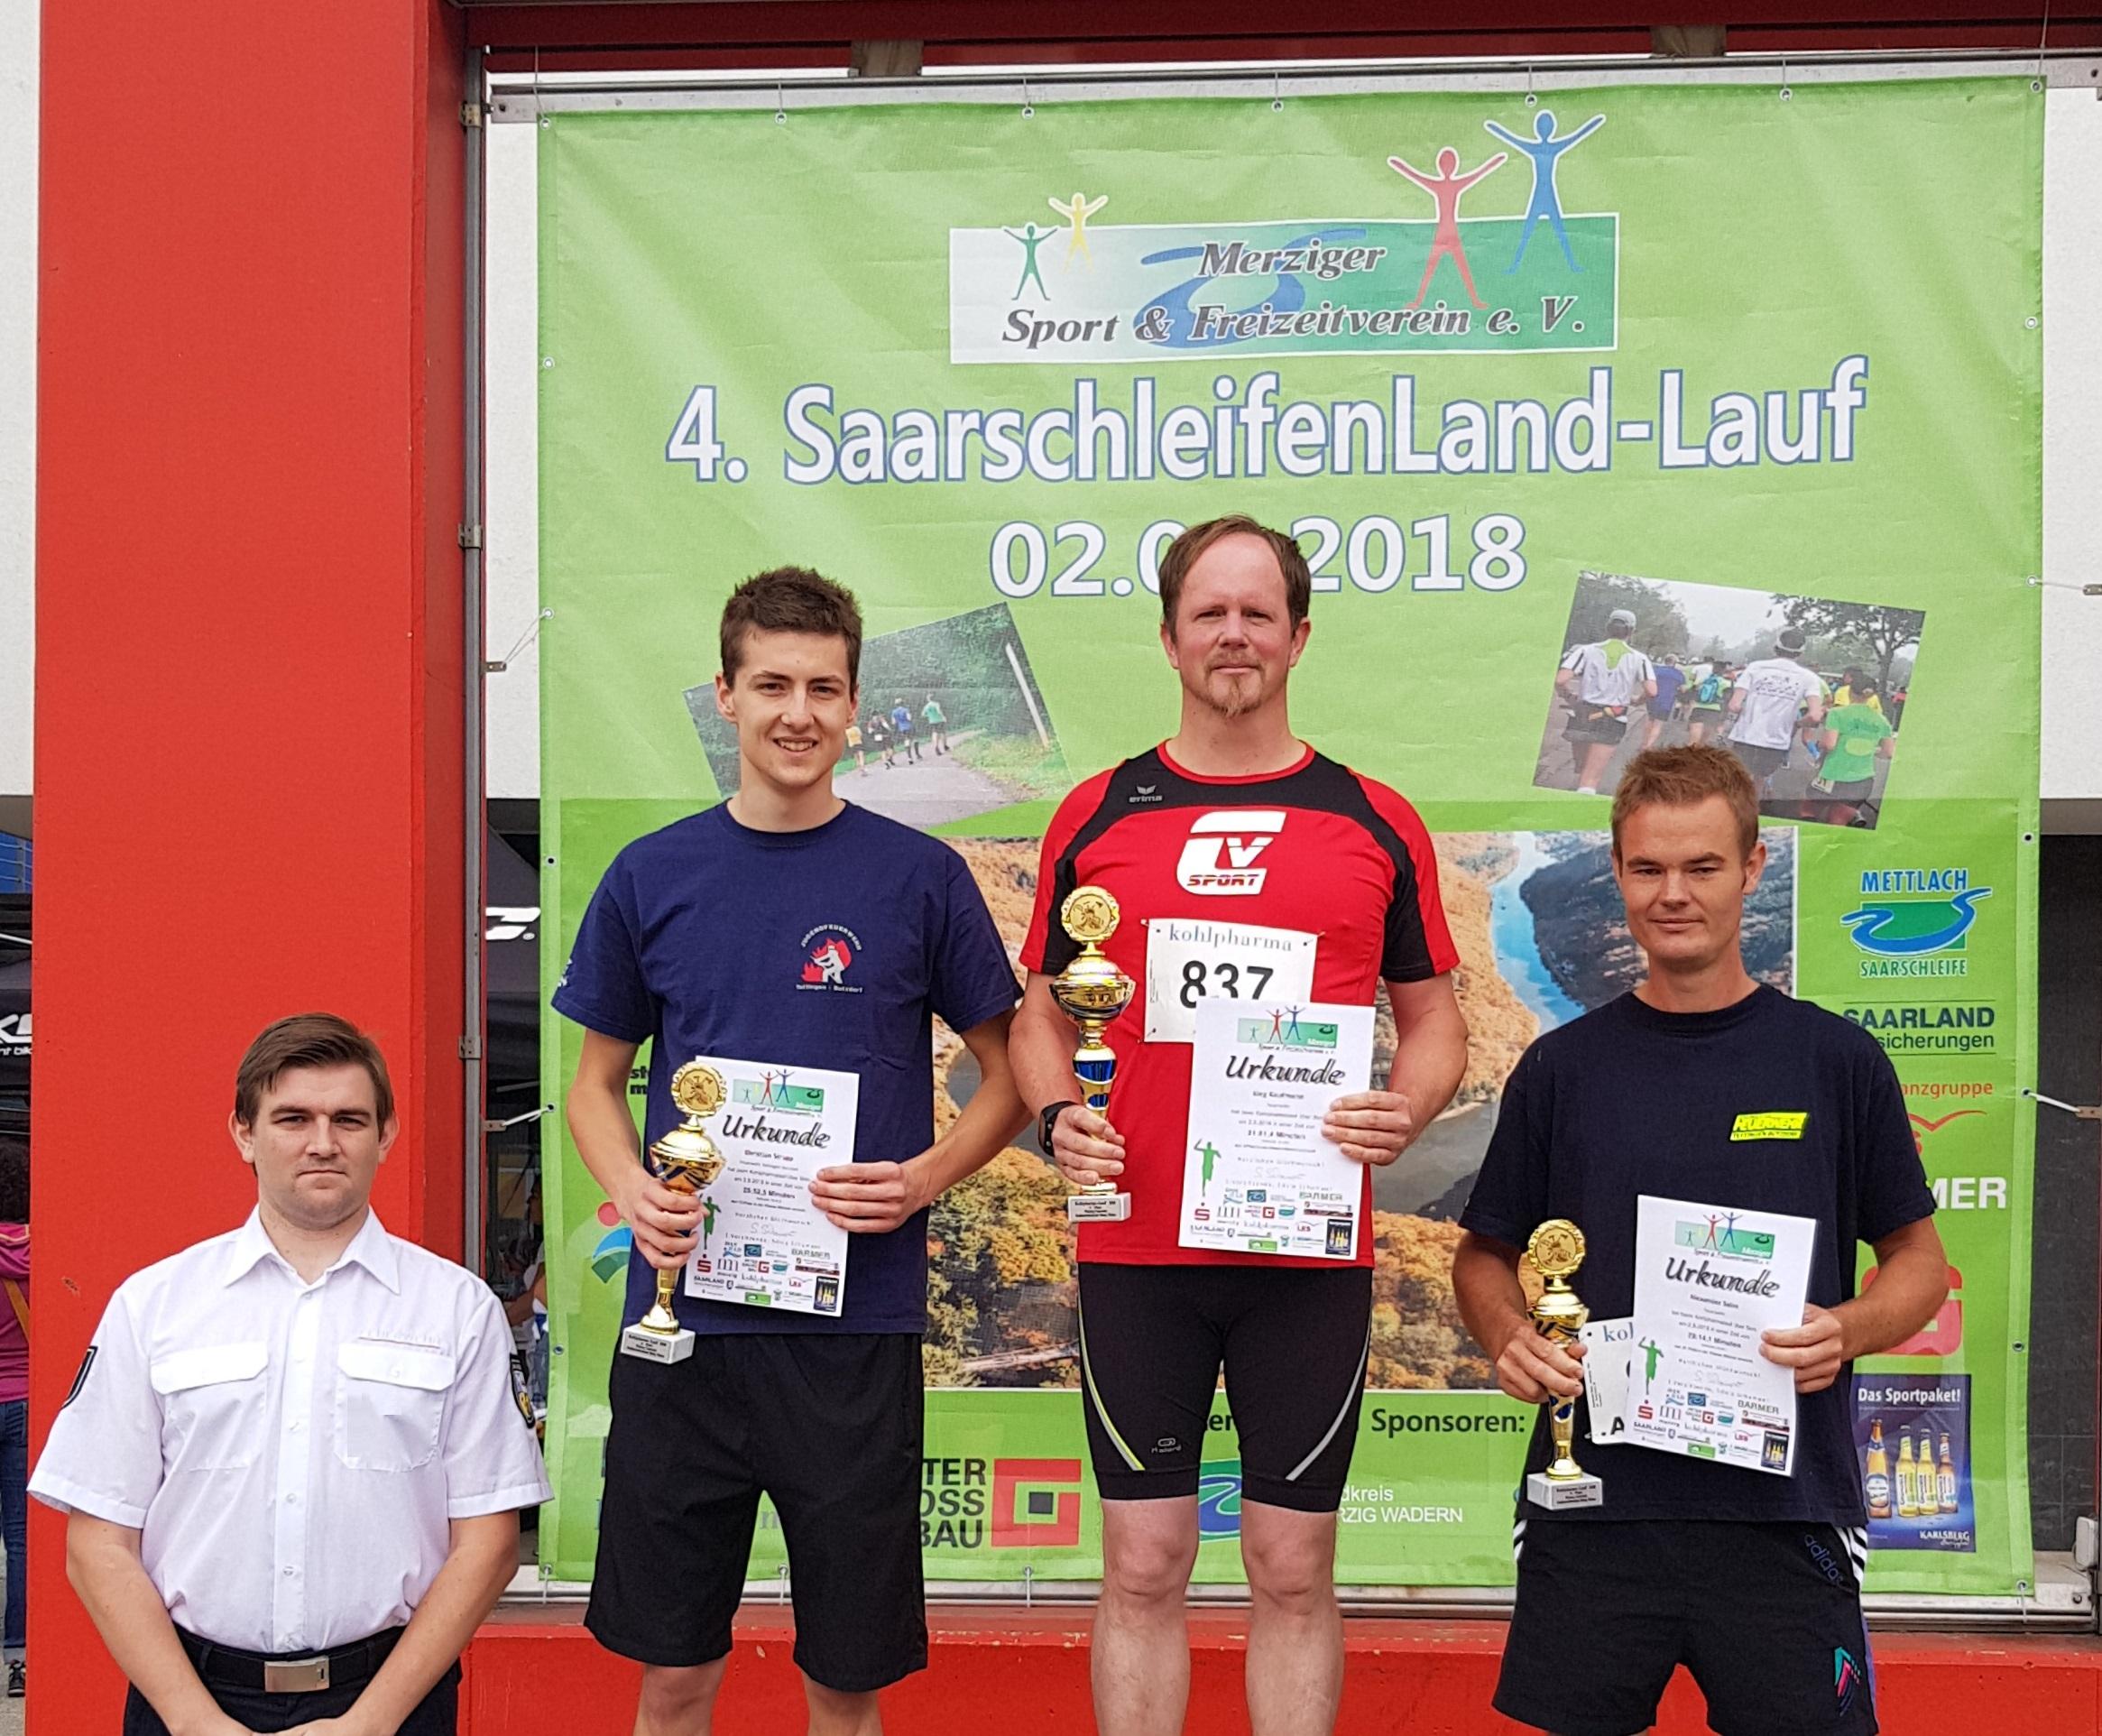 4.Saarschleifenland-Lauf in Merzig